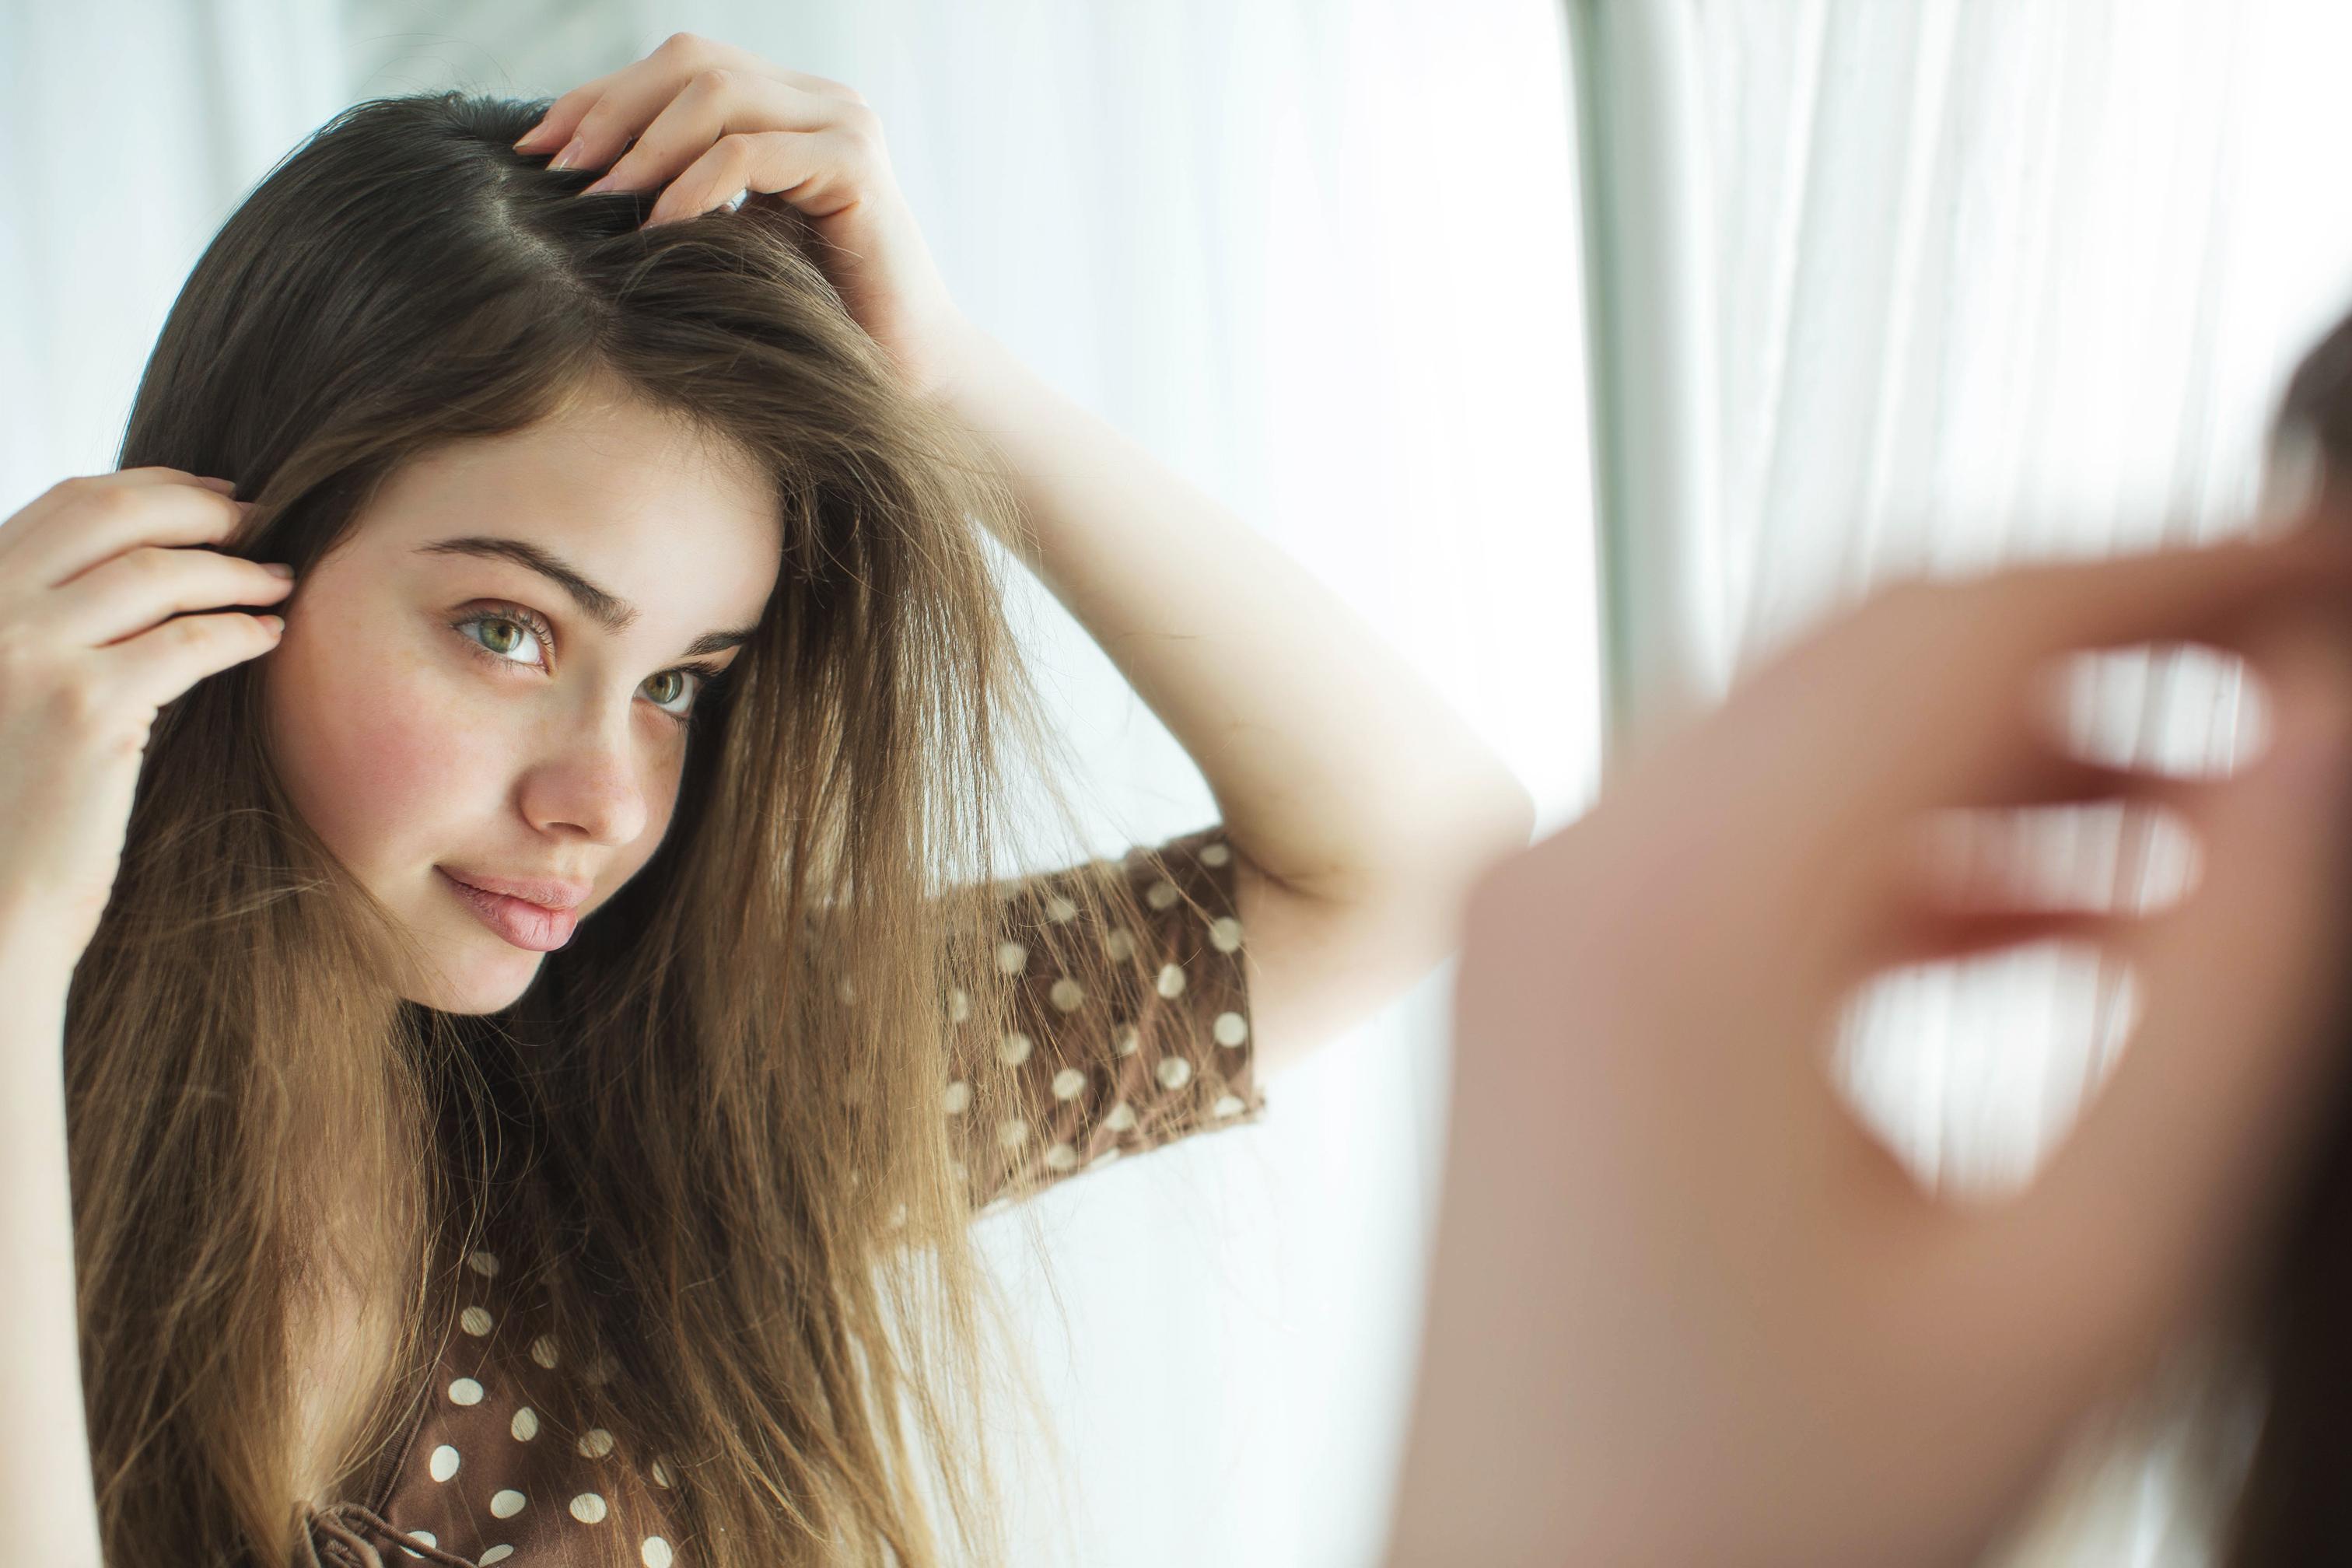 cuidados com a pele no inverno mulher na frente do espelho mexendo nos cabelos